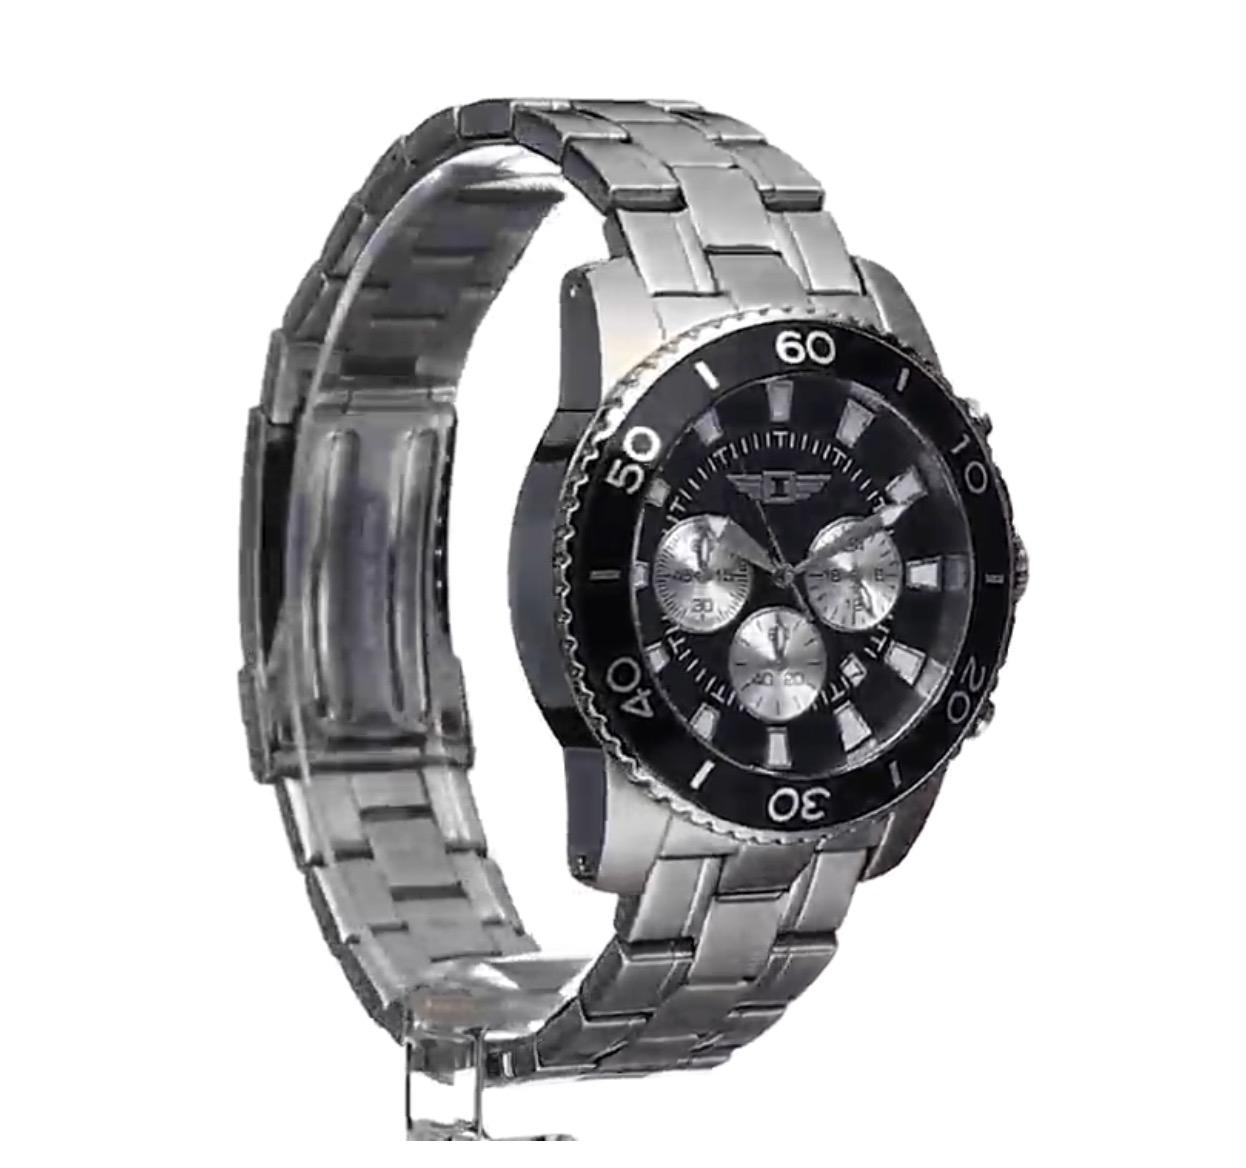 Amazon: Reloj I by INVICTA hombre 43619-001 Envío gratis sin impuestos